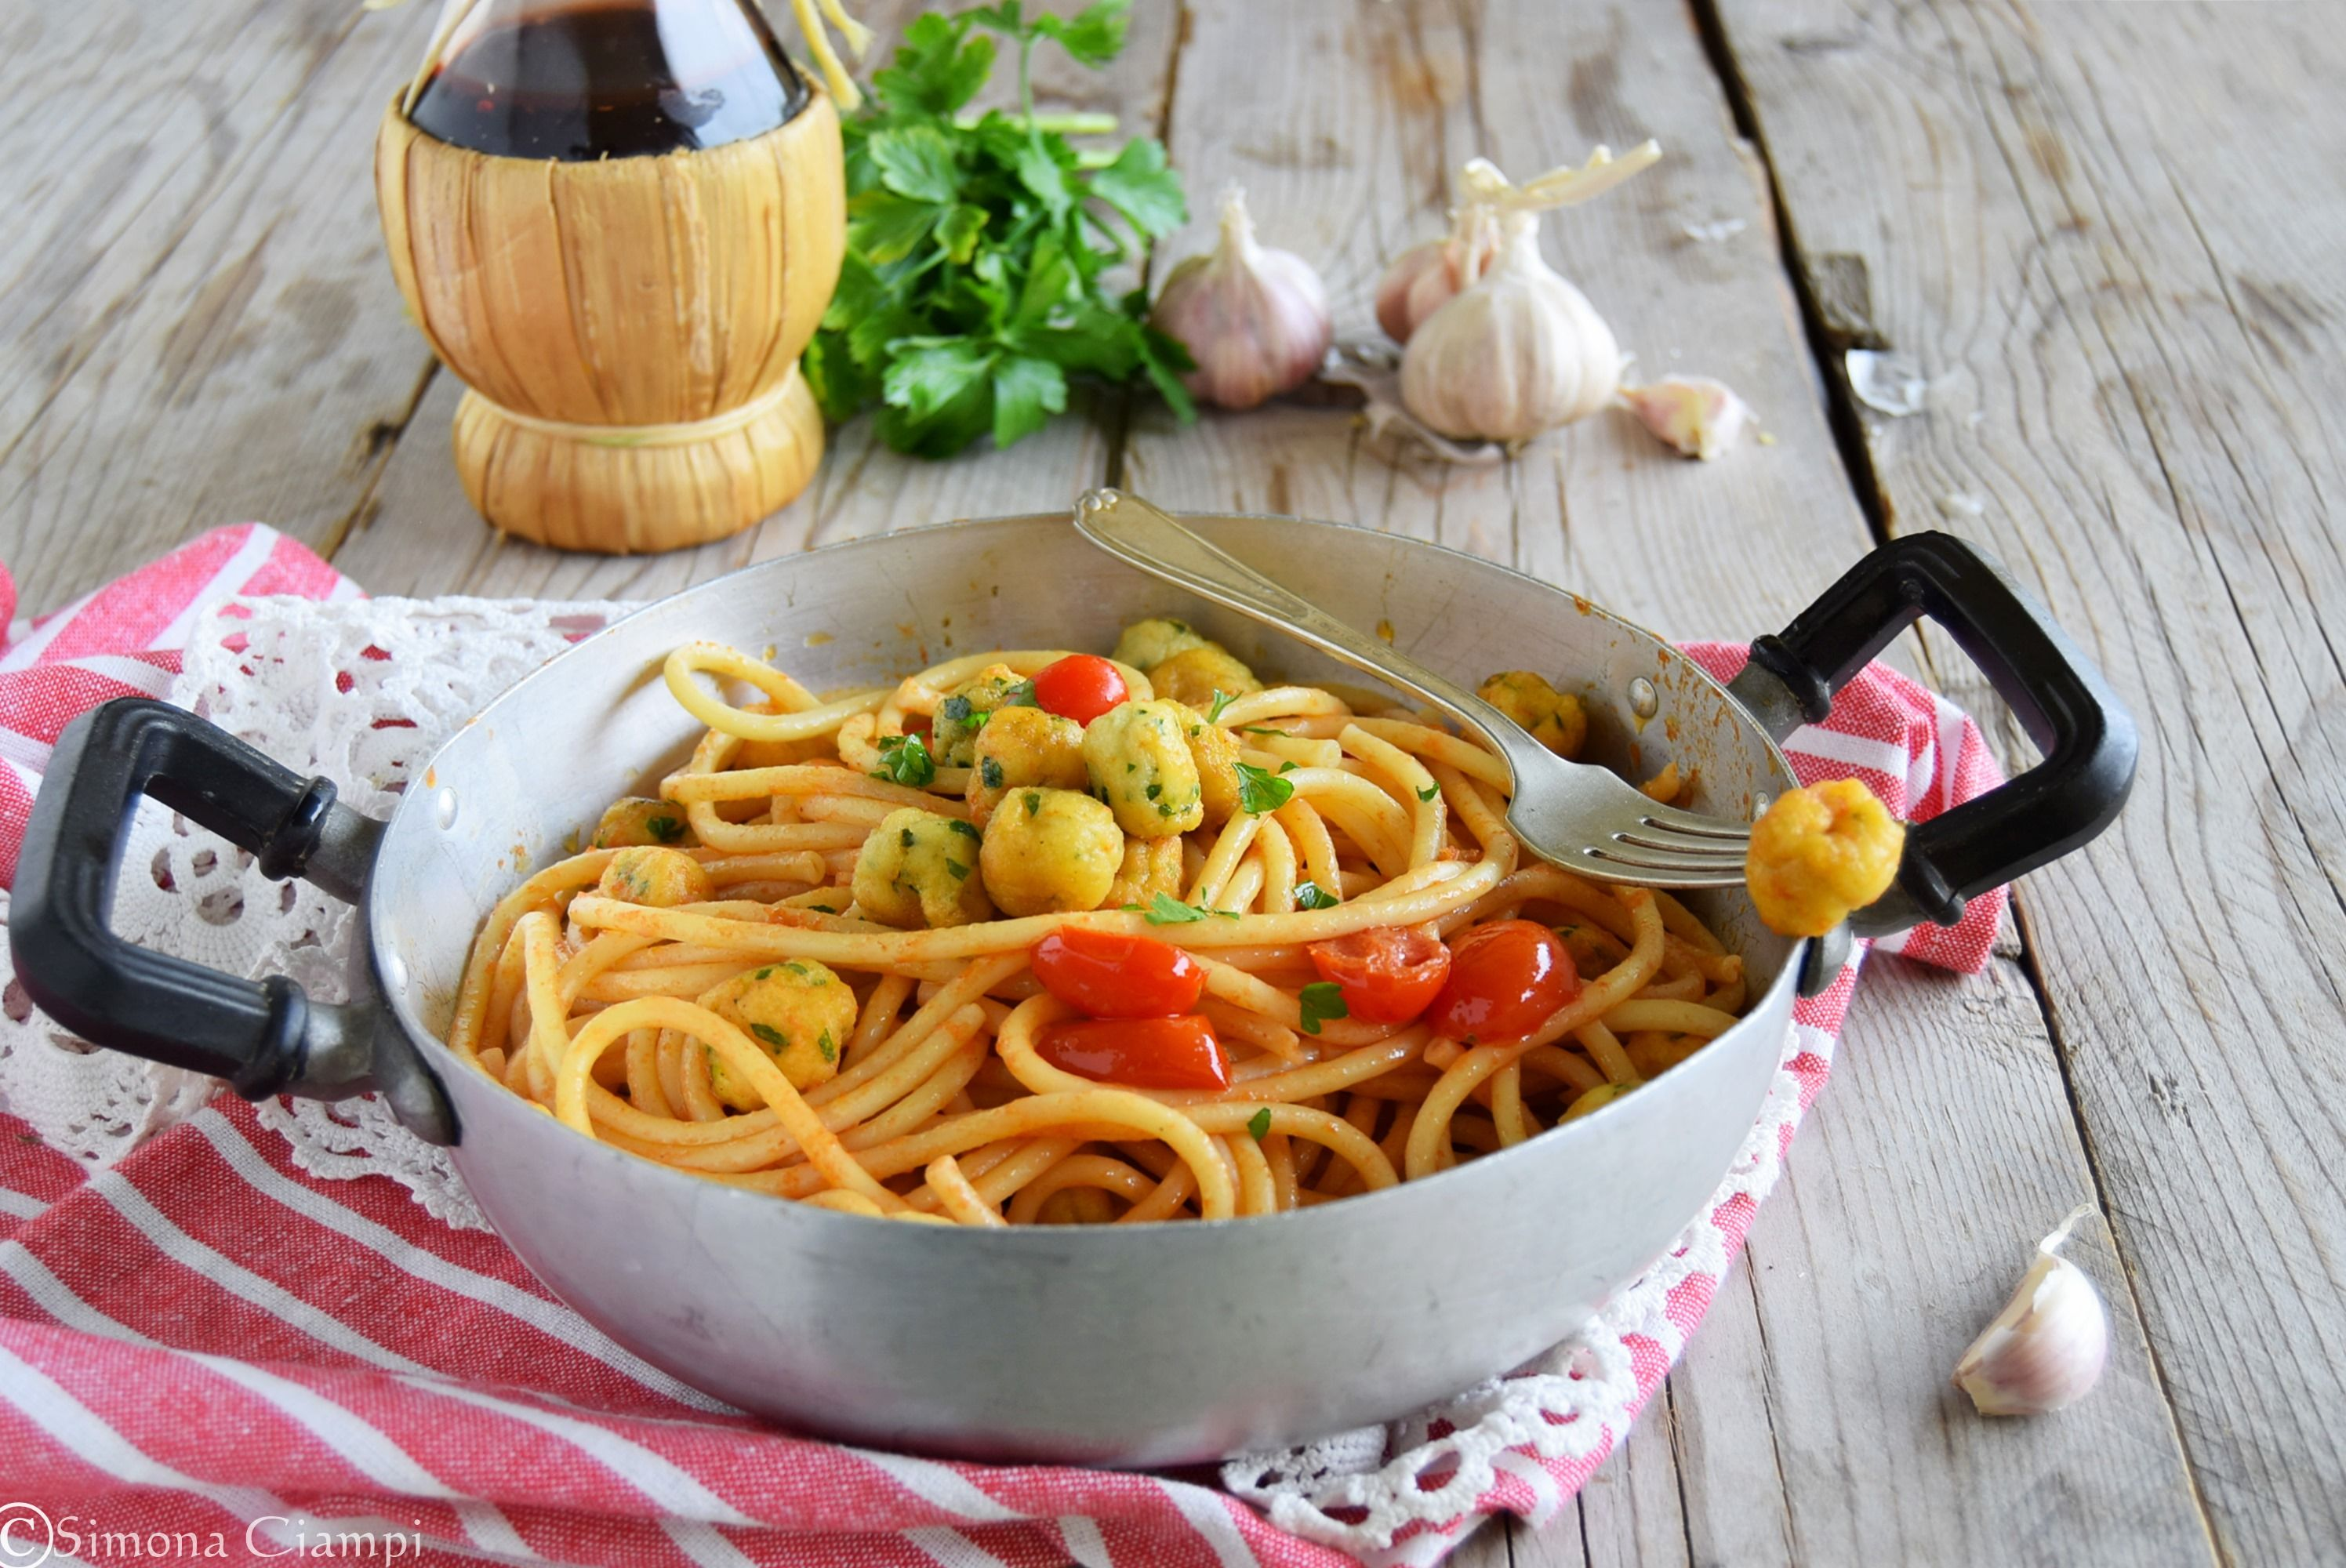 Come Dosare gli Spaghetti senza Bilancia (Video)